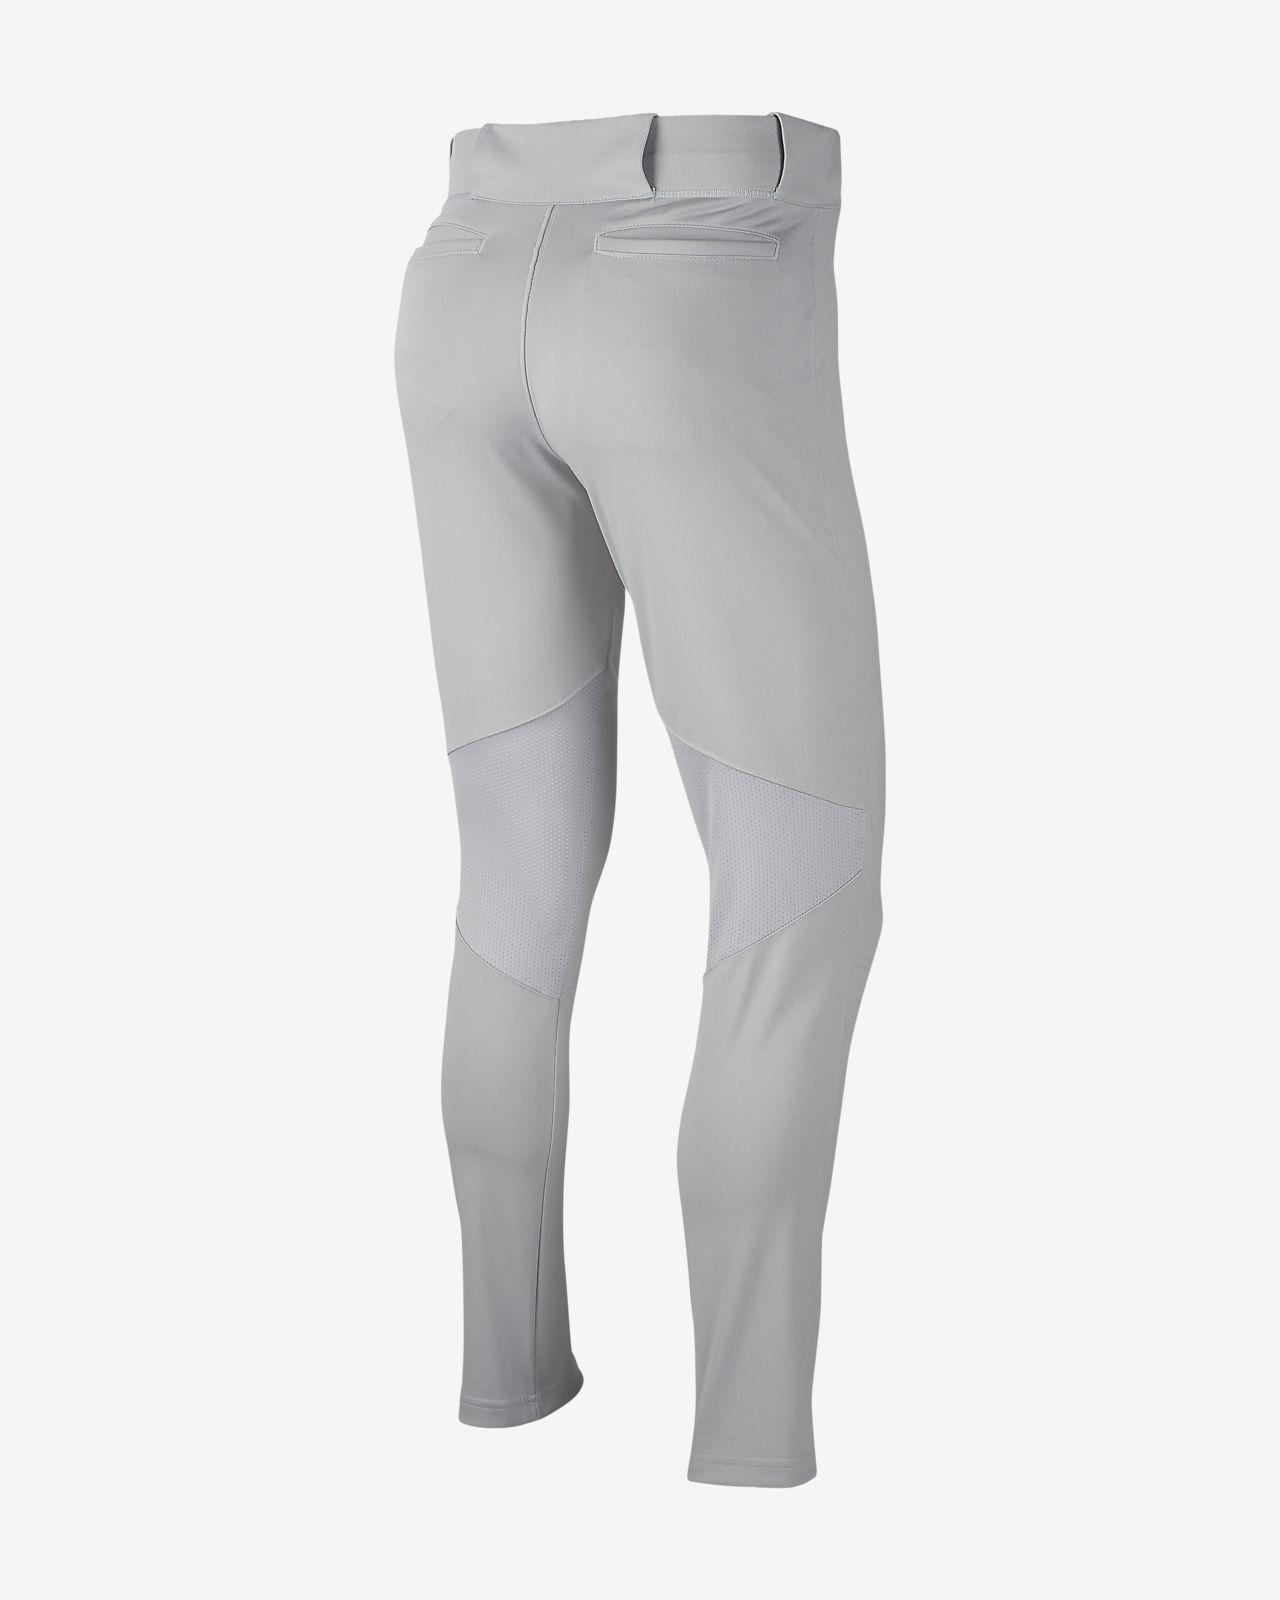 e49bf21302ac24 Nike Pro Vapor Men s Baseball Pants. Nike.com